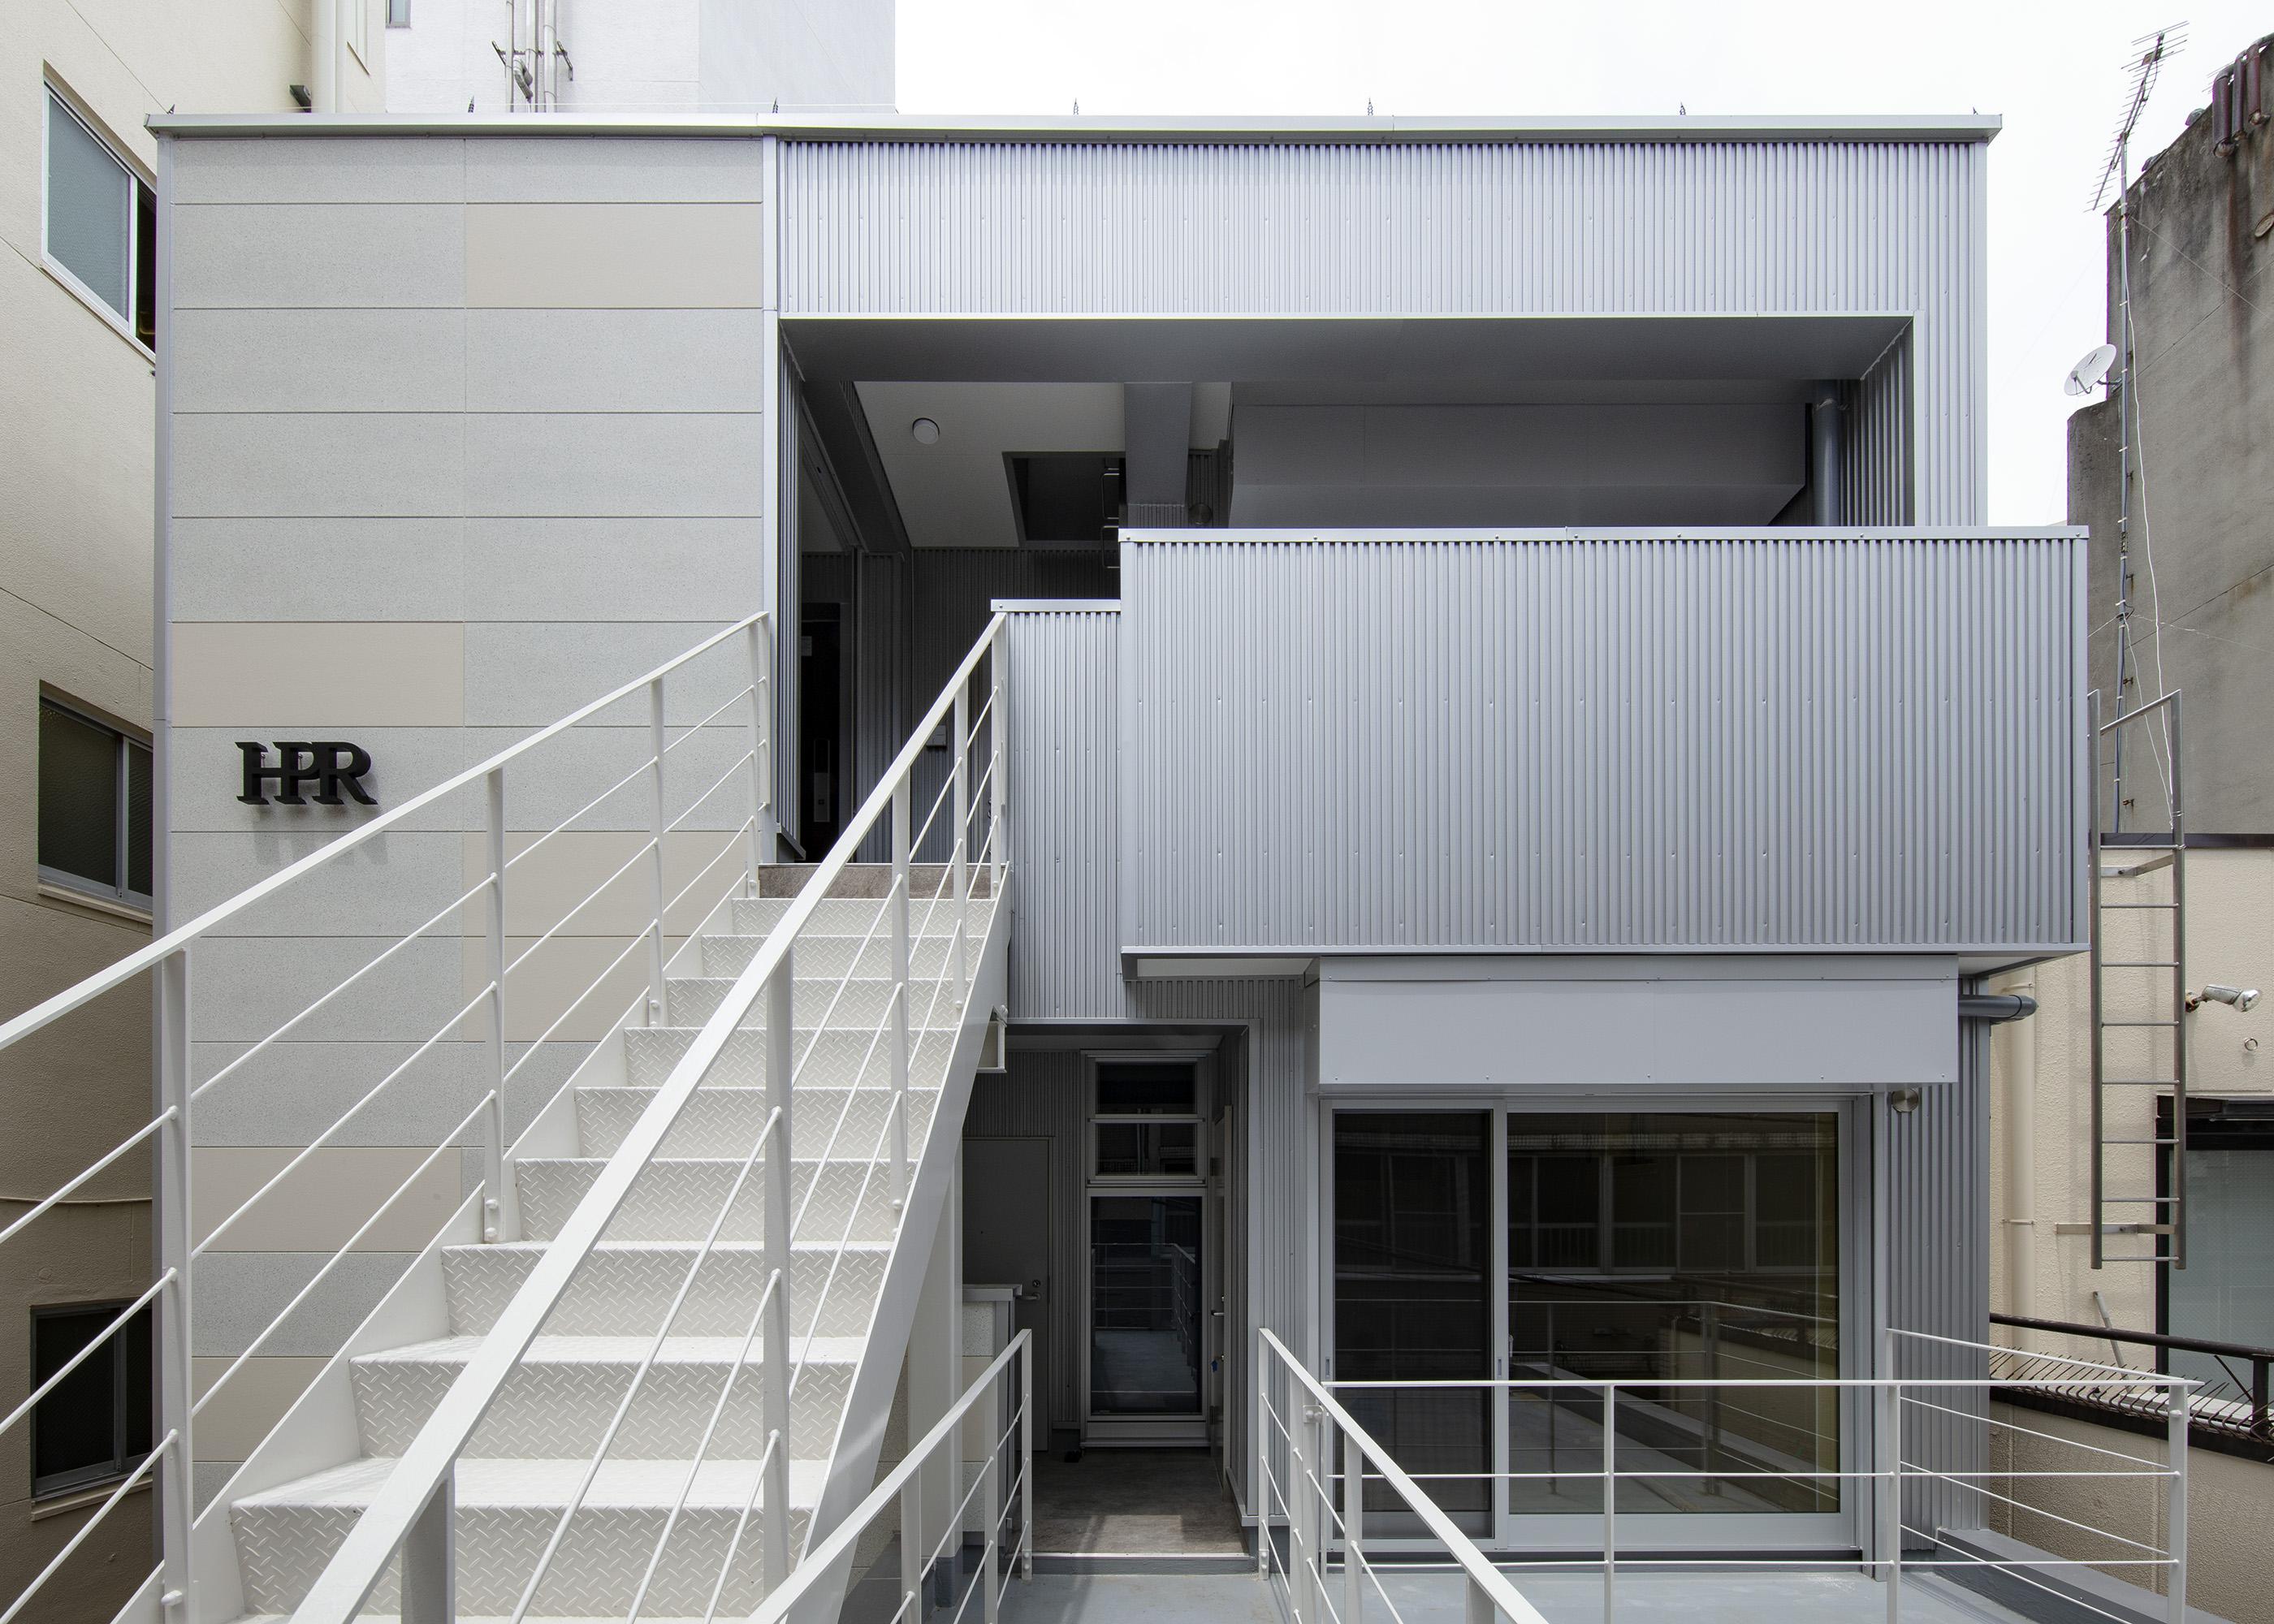 木造4階建ての事務所ビル「ヤマサ製菓ビルハピア豊橋」の意匠設計の特徴